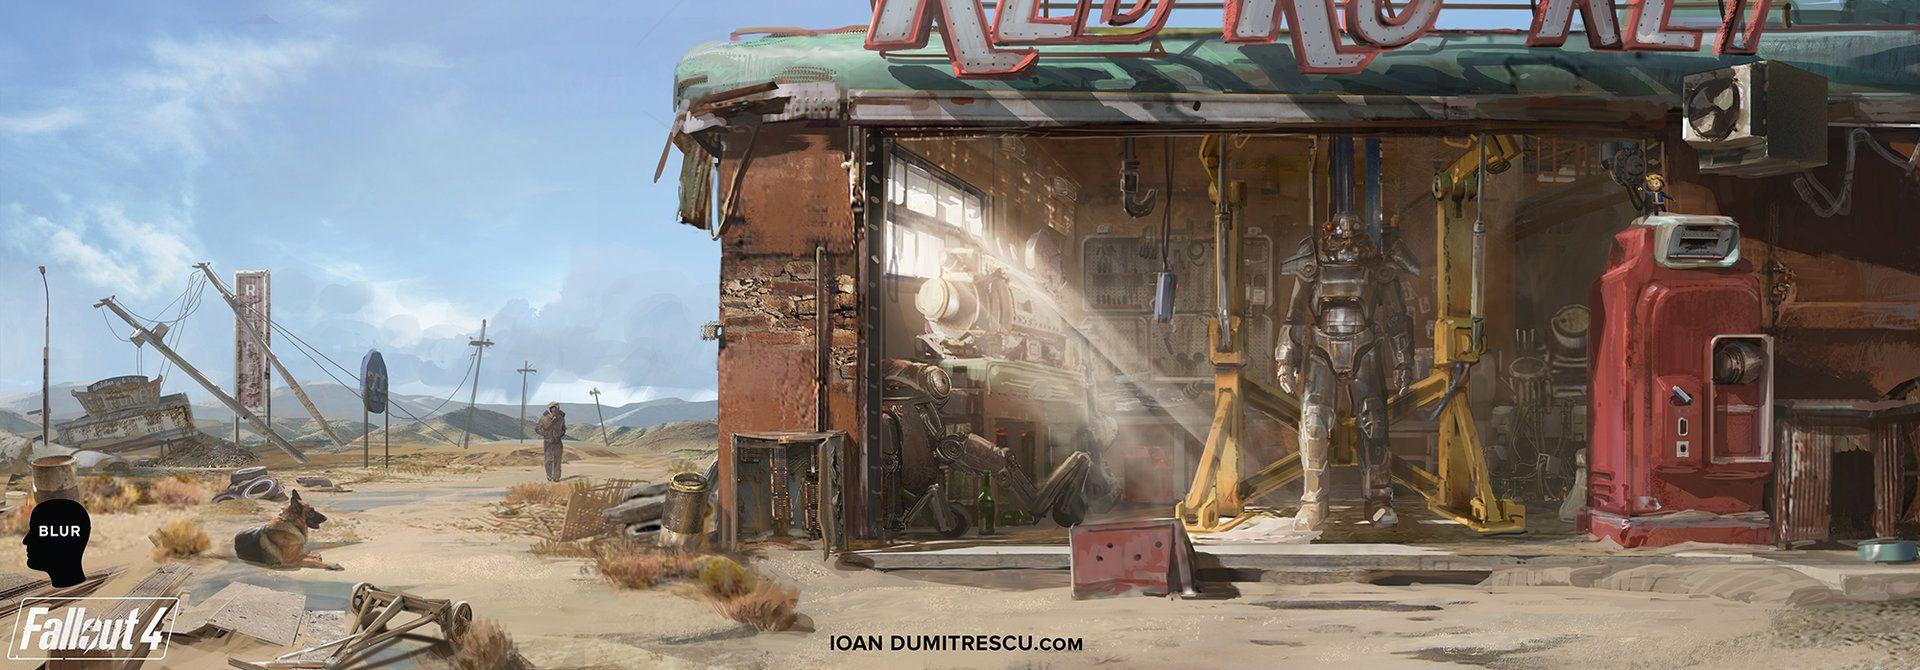 Fallout 4 Garage Concept Ioan Dumitrescu Concept Art Muse Art Environmental Art